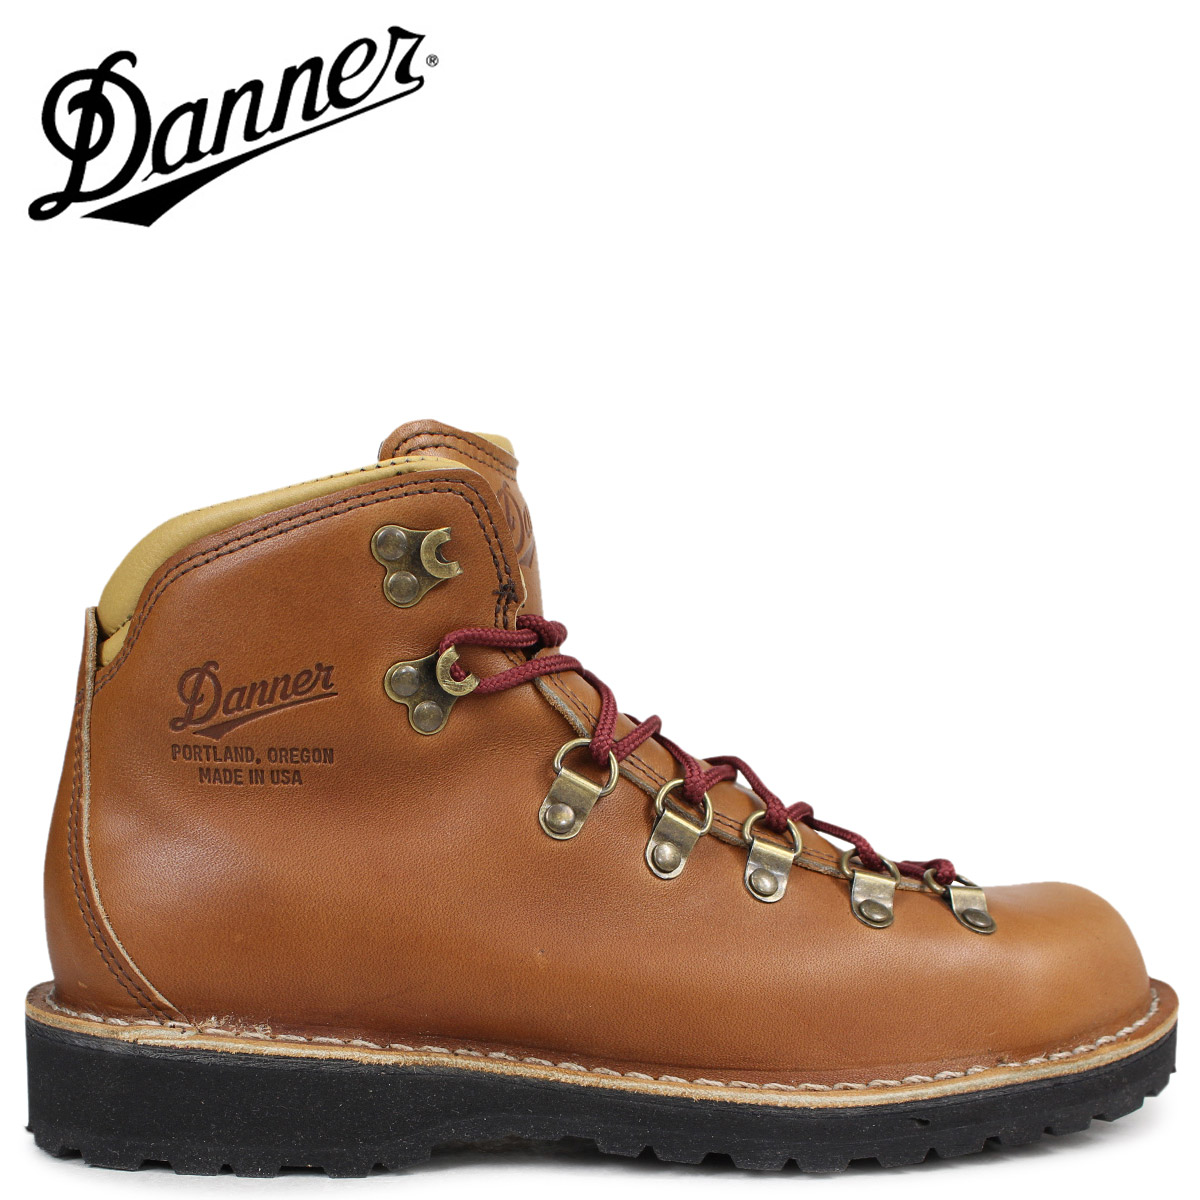 ダナー ブーツ Danner MOUNTAIN PASS 33276 MADE IN USA メンズ ブラウン [予約商品 2/10頃入荷予定 新入荷]